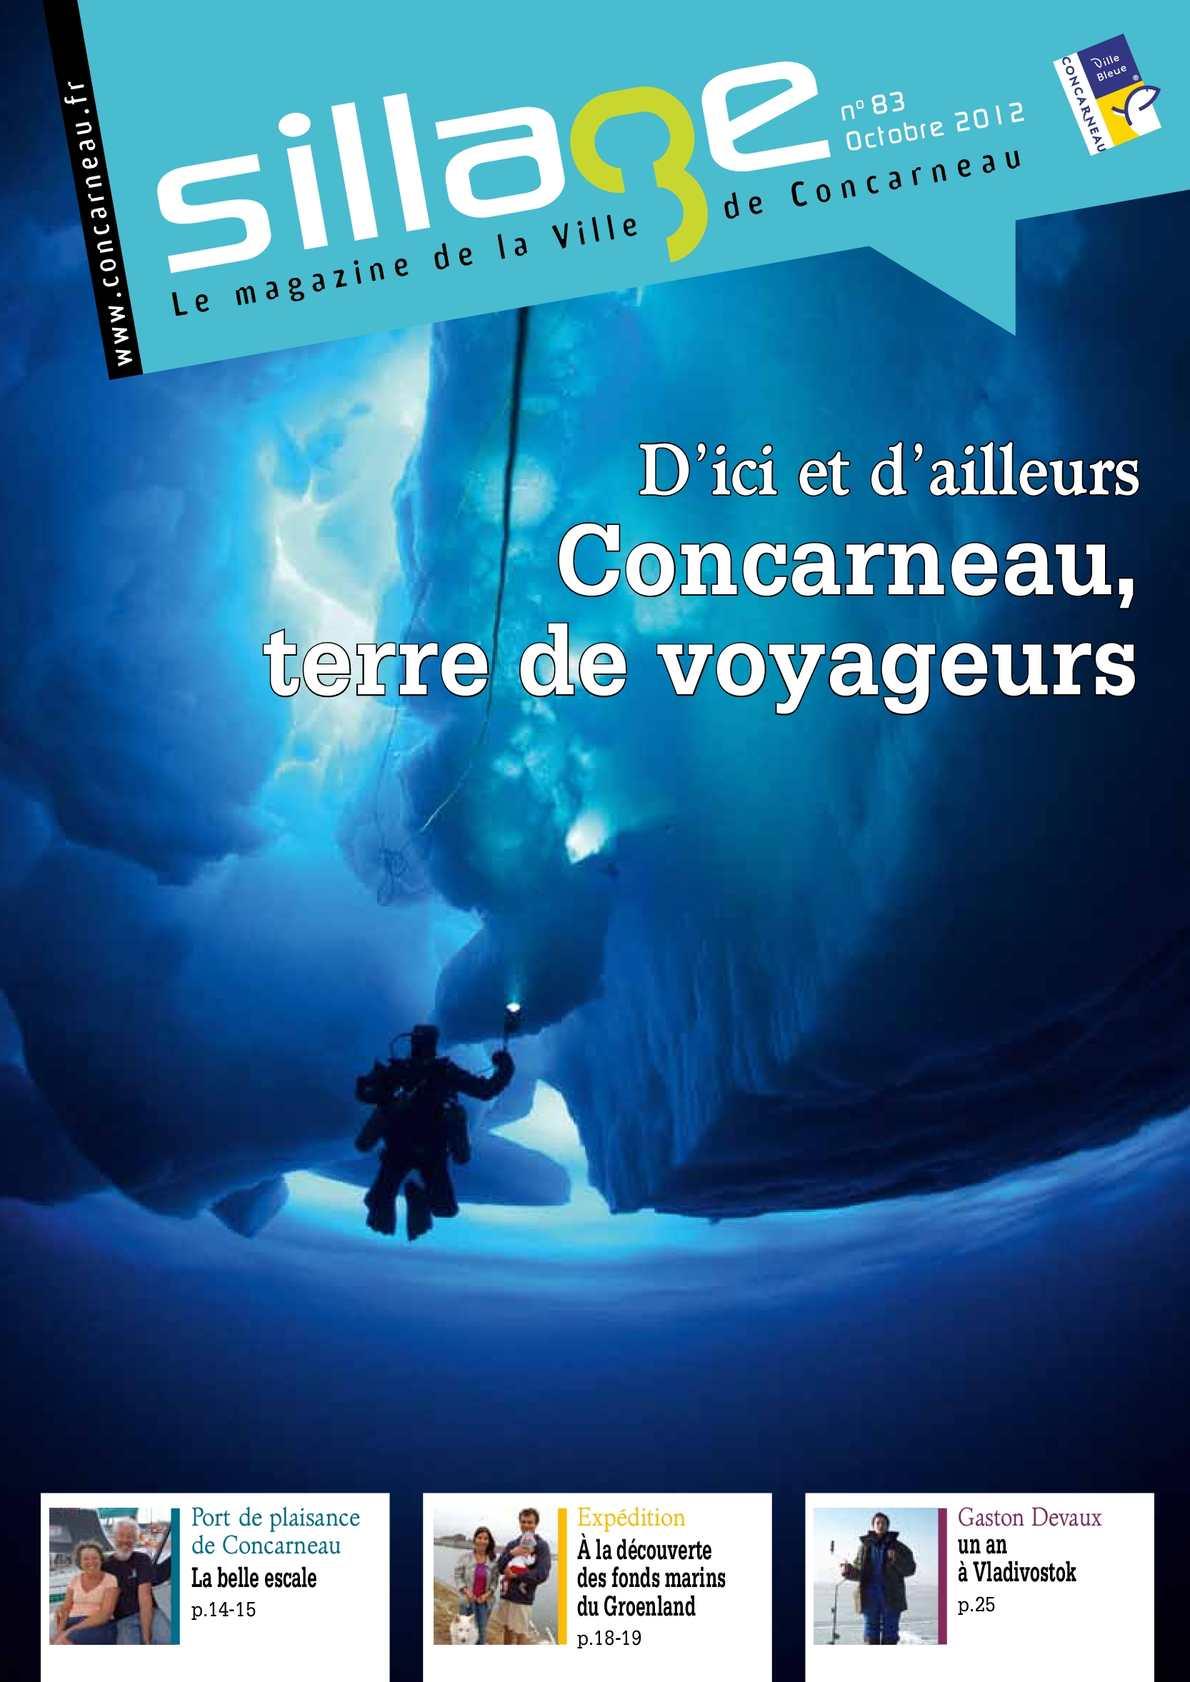 Calaméo   Magazine Sillage n°40 octobre 40   Ville de Concarneau